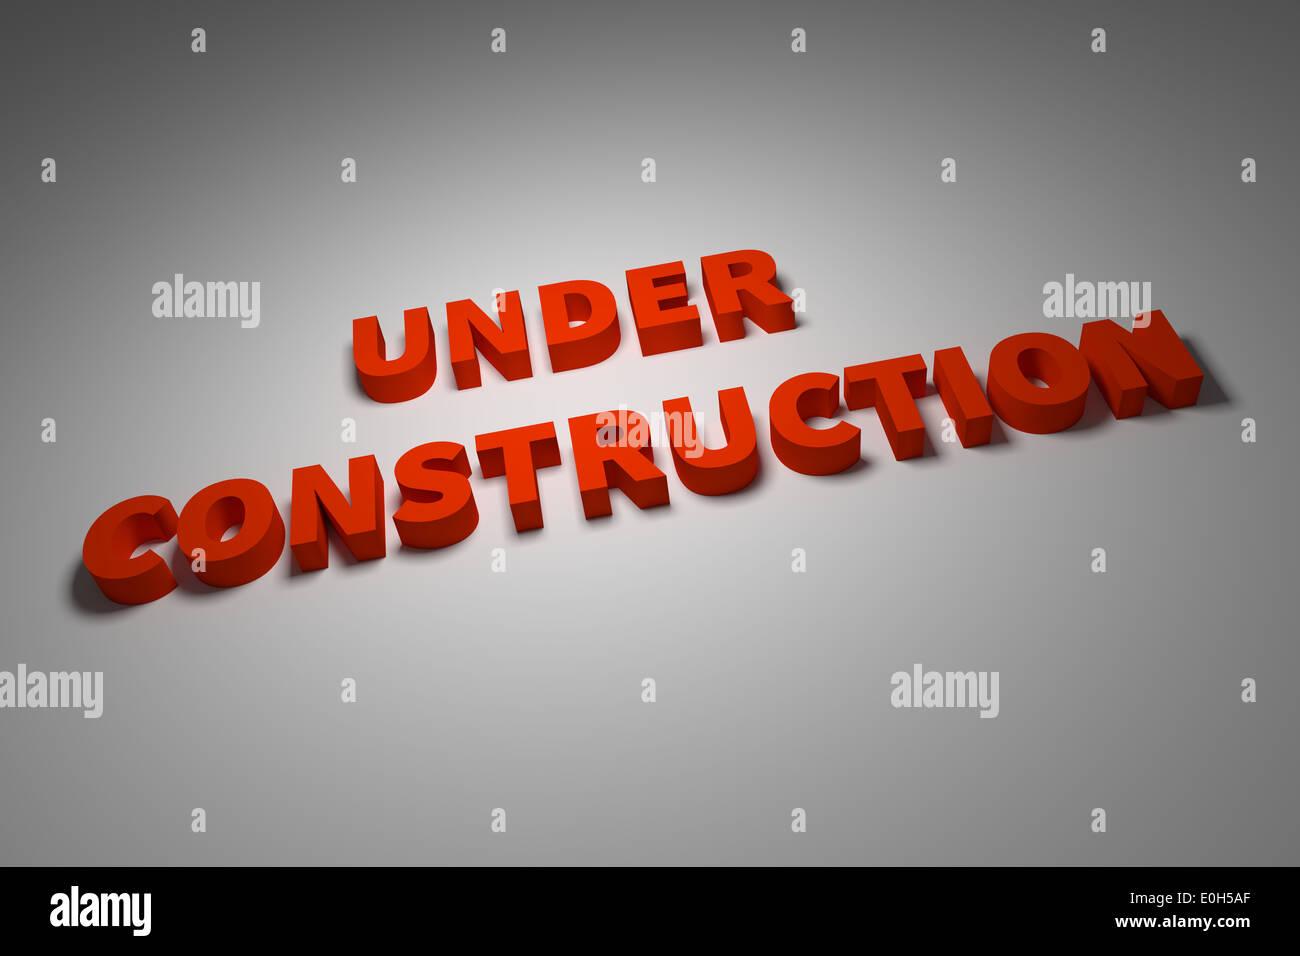 Bajo el signo de construcción 3d ilustración Imagen De Stock